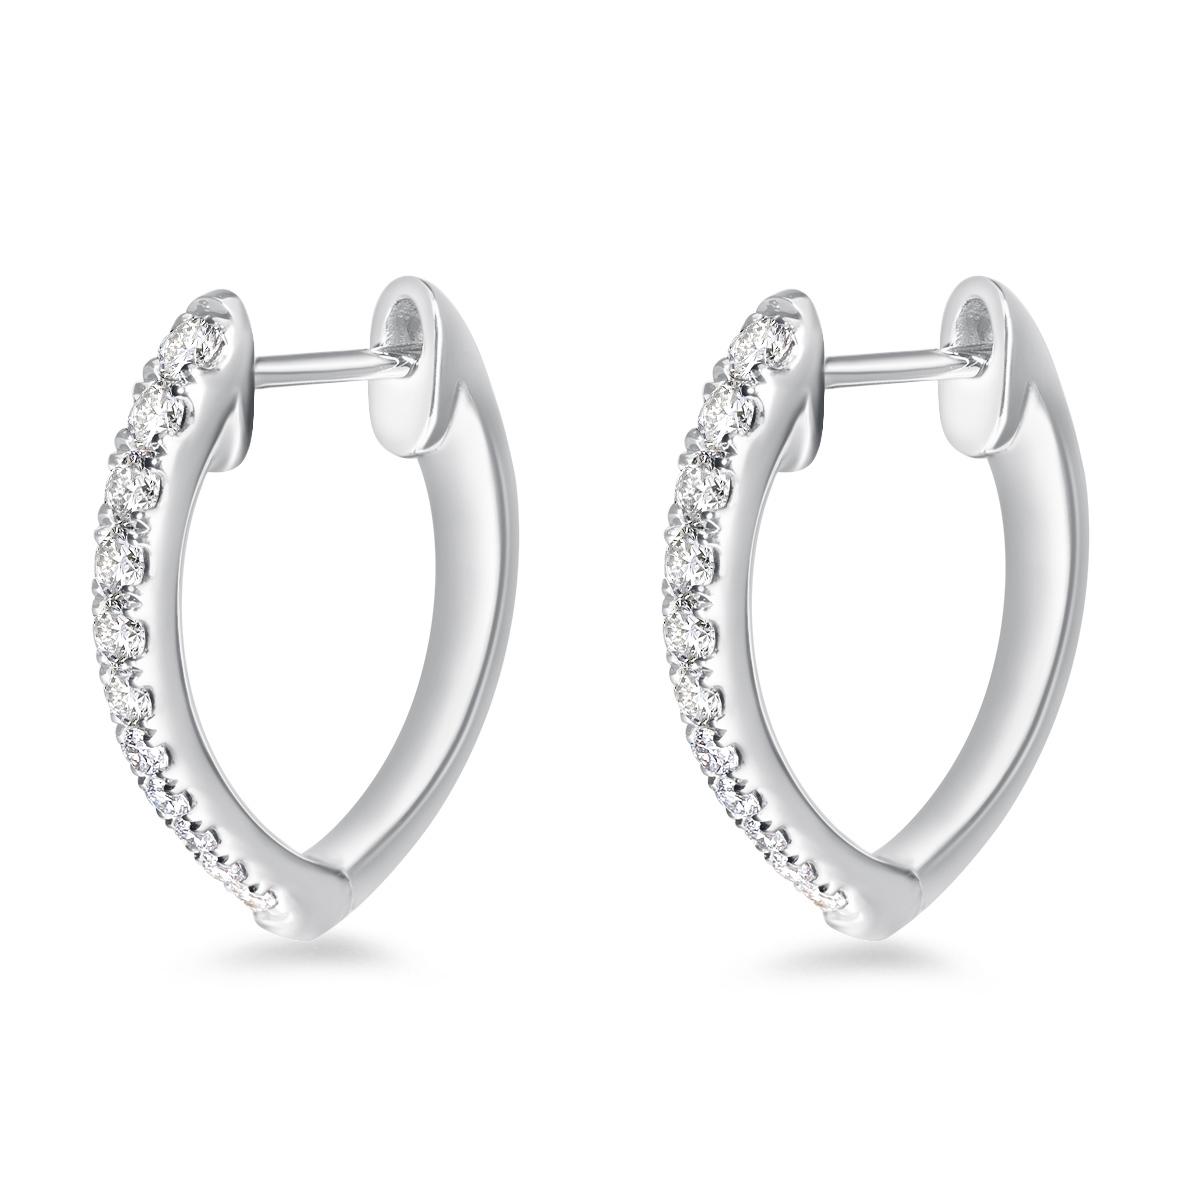 Memoire 18ct White Gold 0.30 Carat Diamond Imperial Hoop Earrings 16X14mm